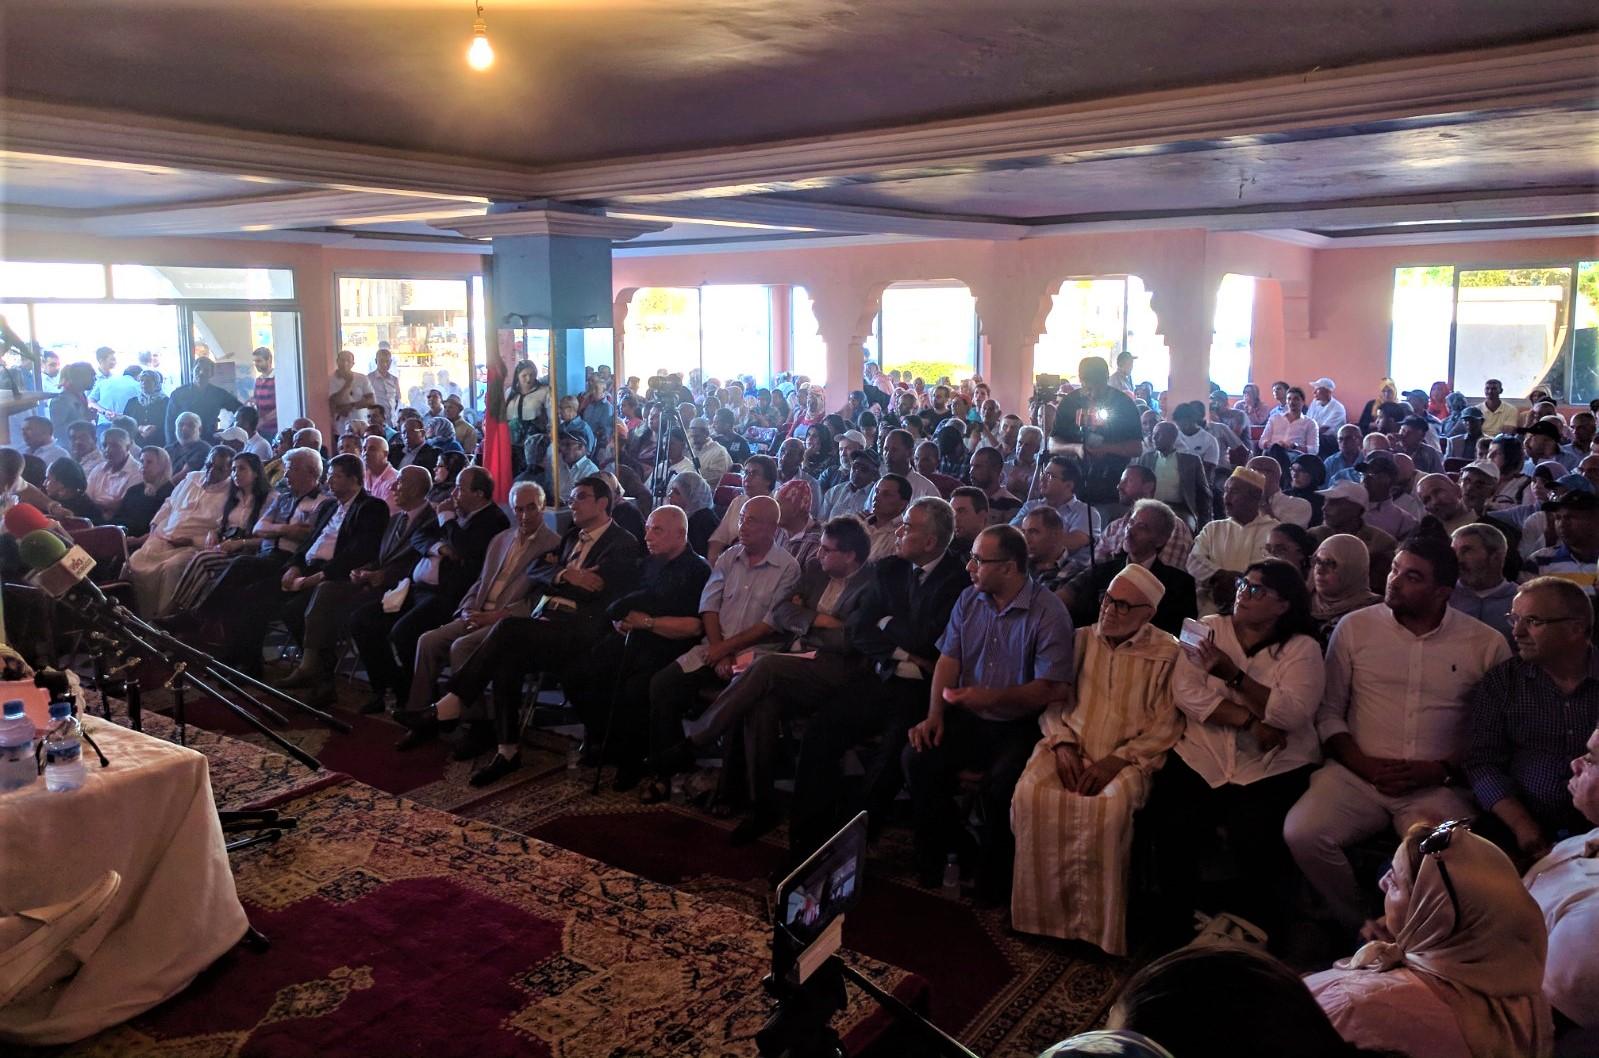 الأخ نزار بركة : الحكومة مدعوة للقطع مع تدبير الأمور الجارية ومباشرة الإصلاحات بجرأة وشجاعة